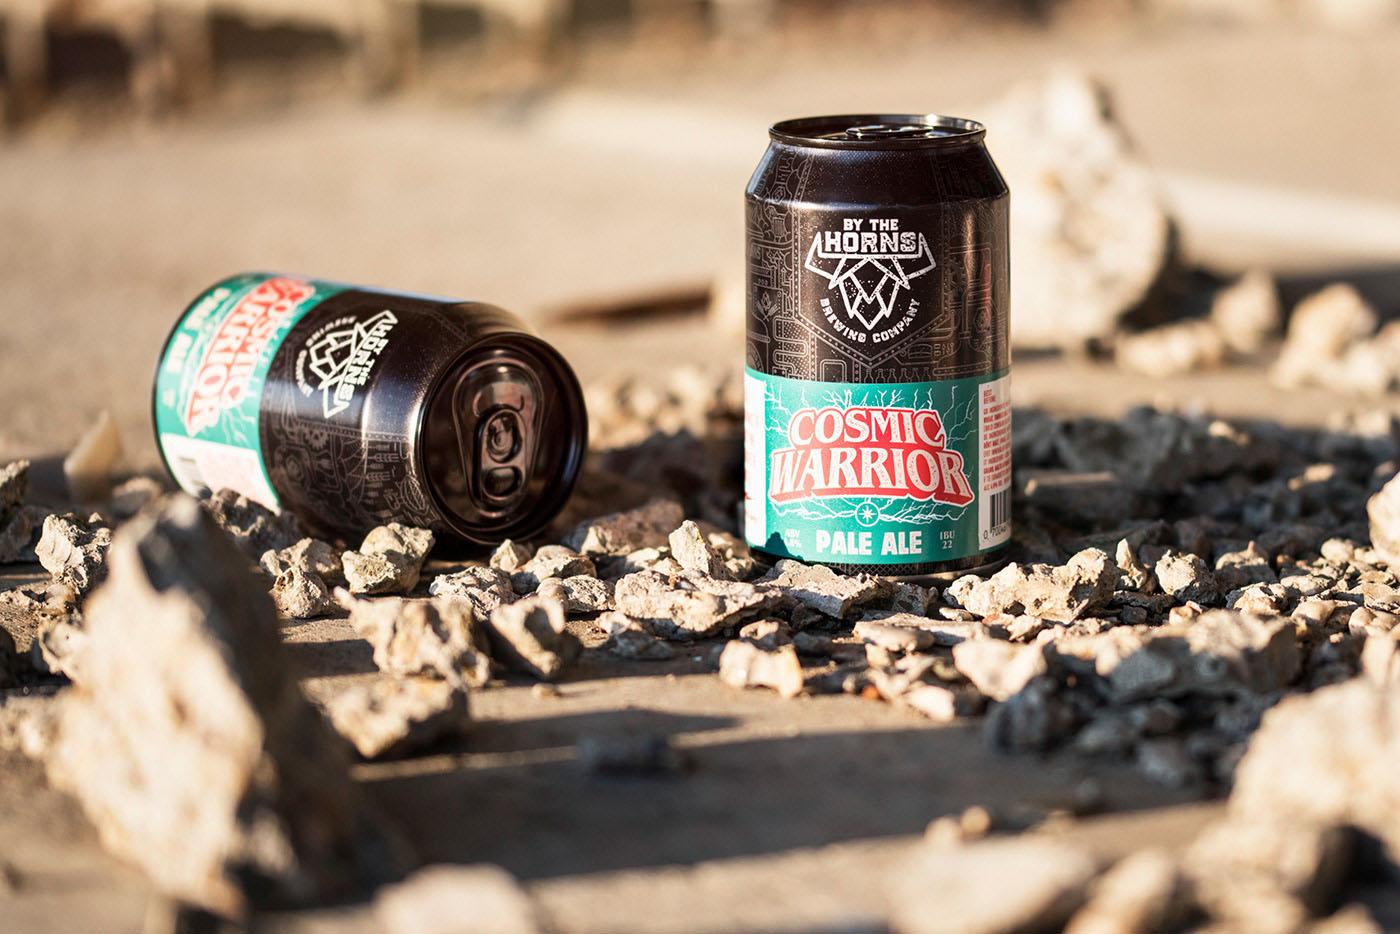 Horns啤酒包装设计欣赏